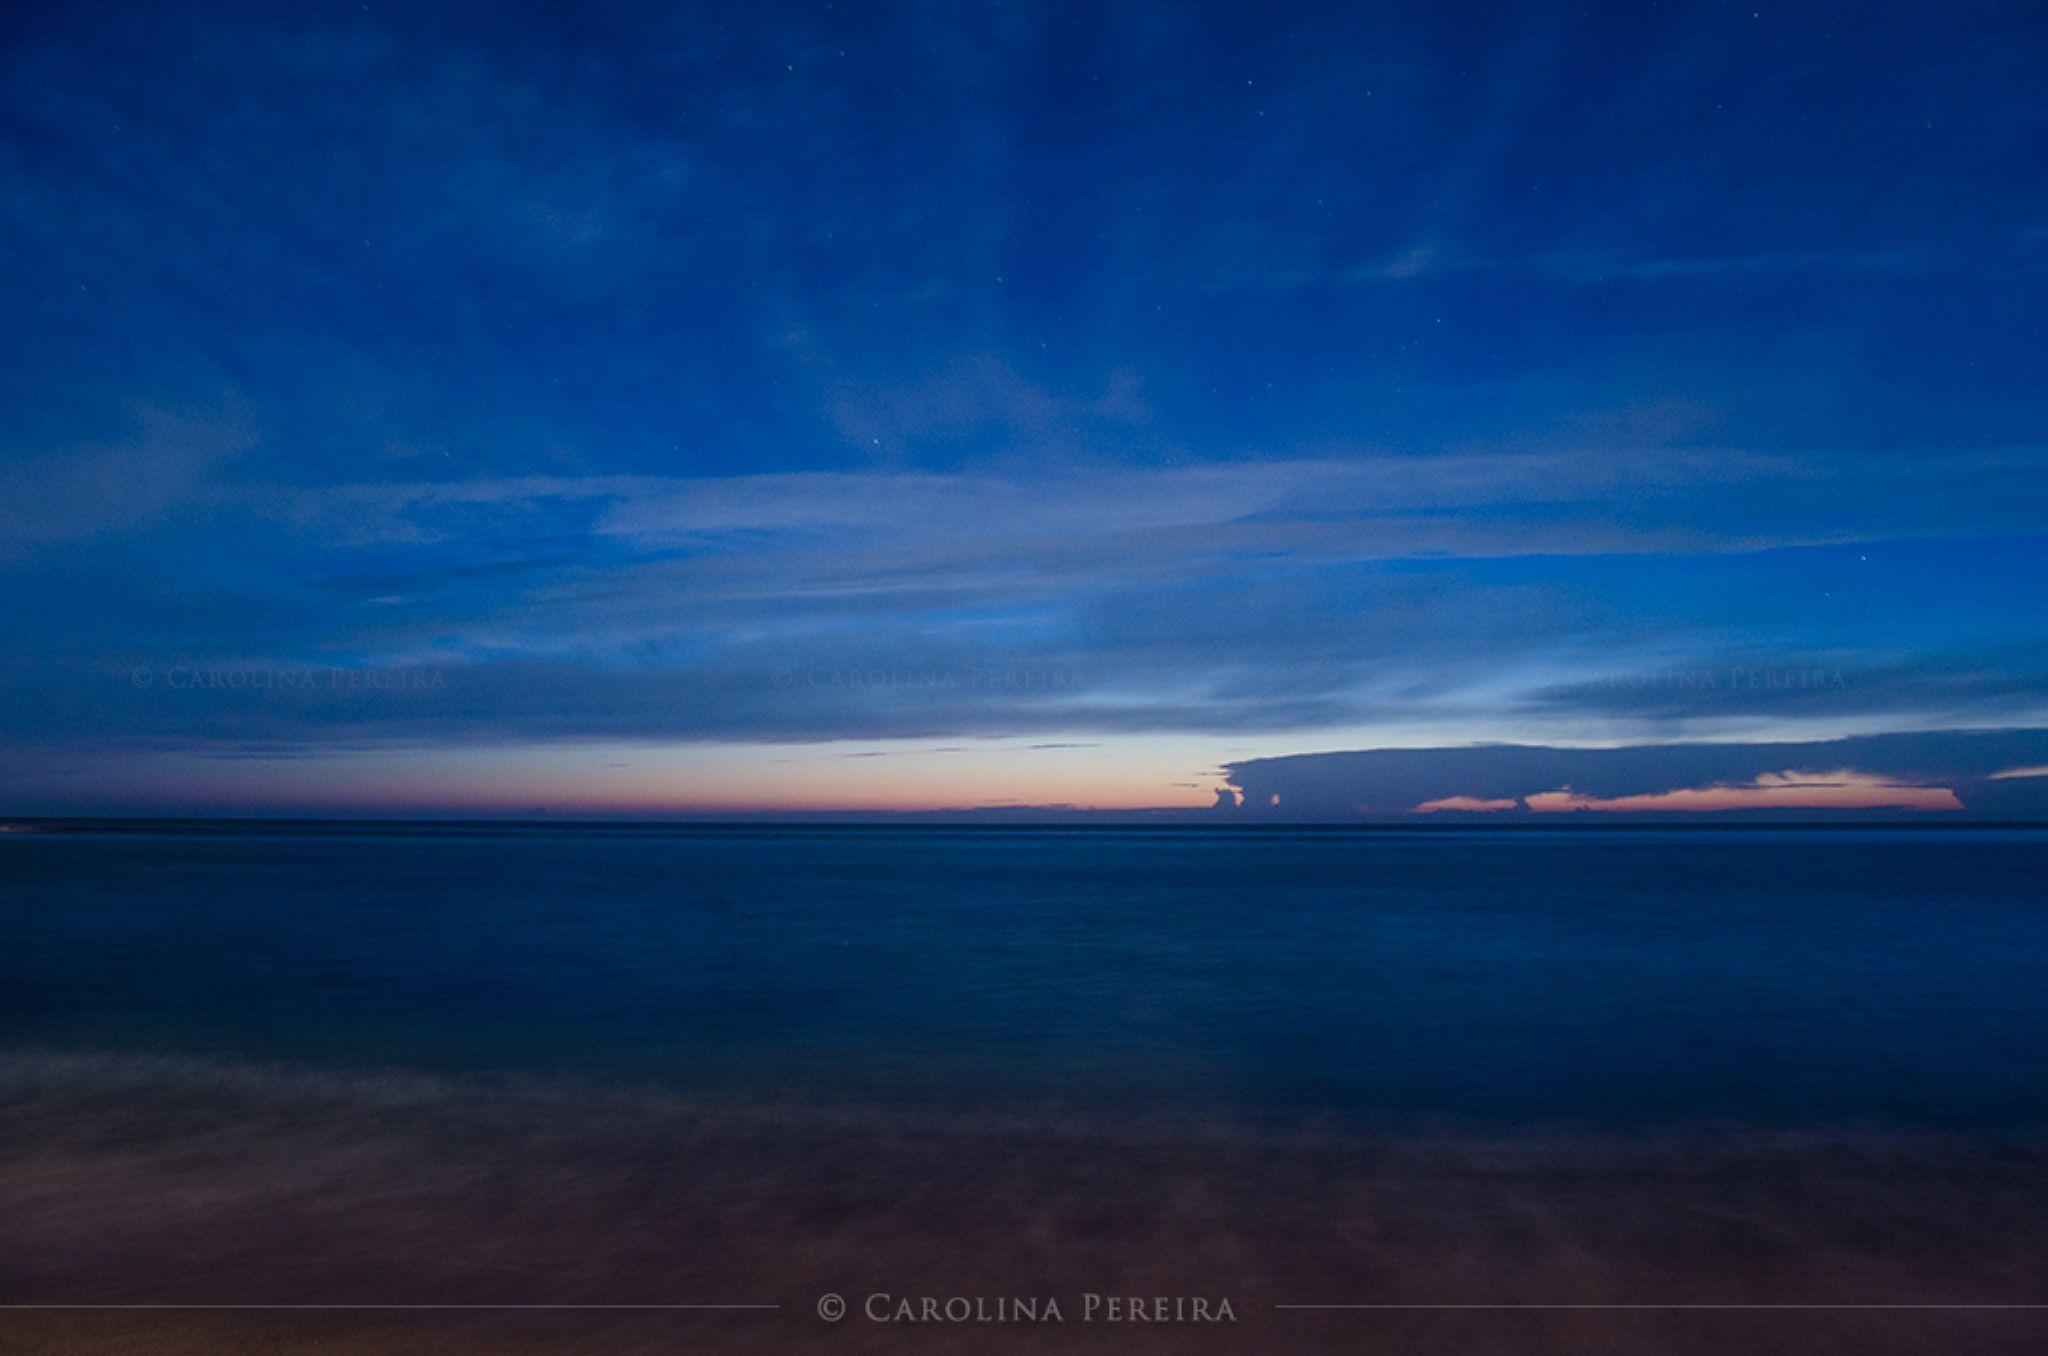 Deep Blue by Carolina Pereira